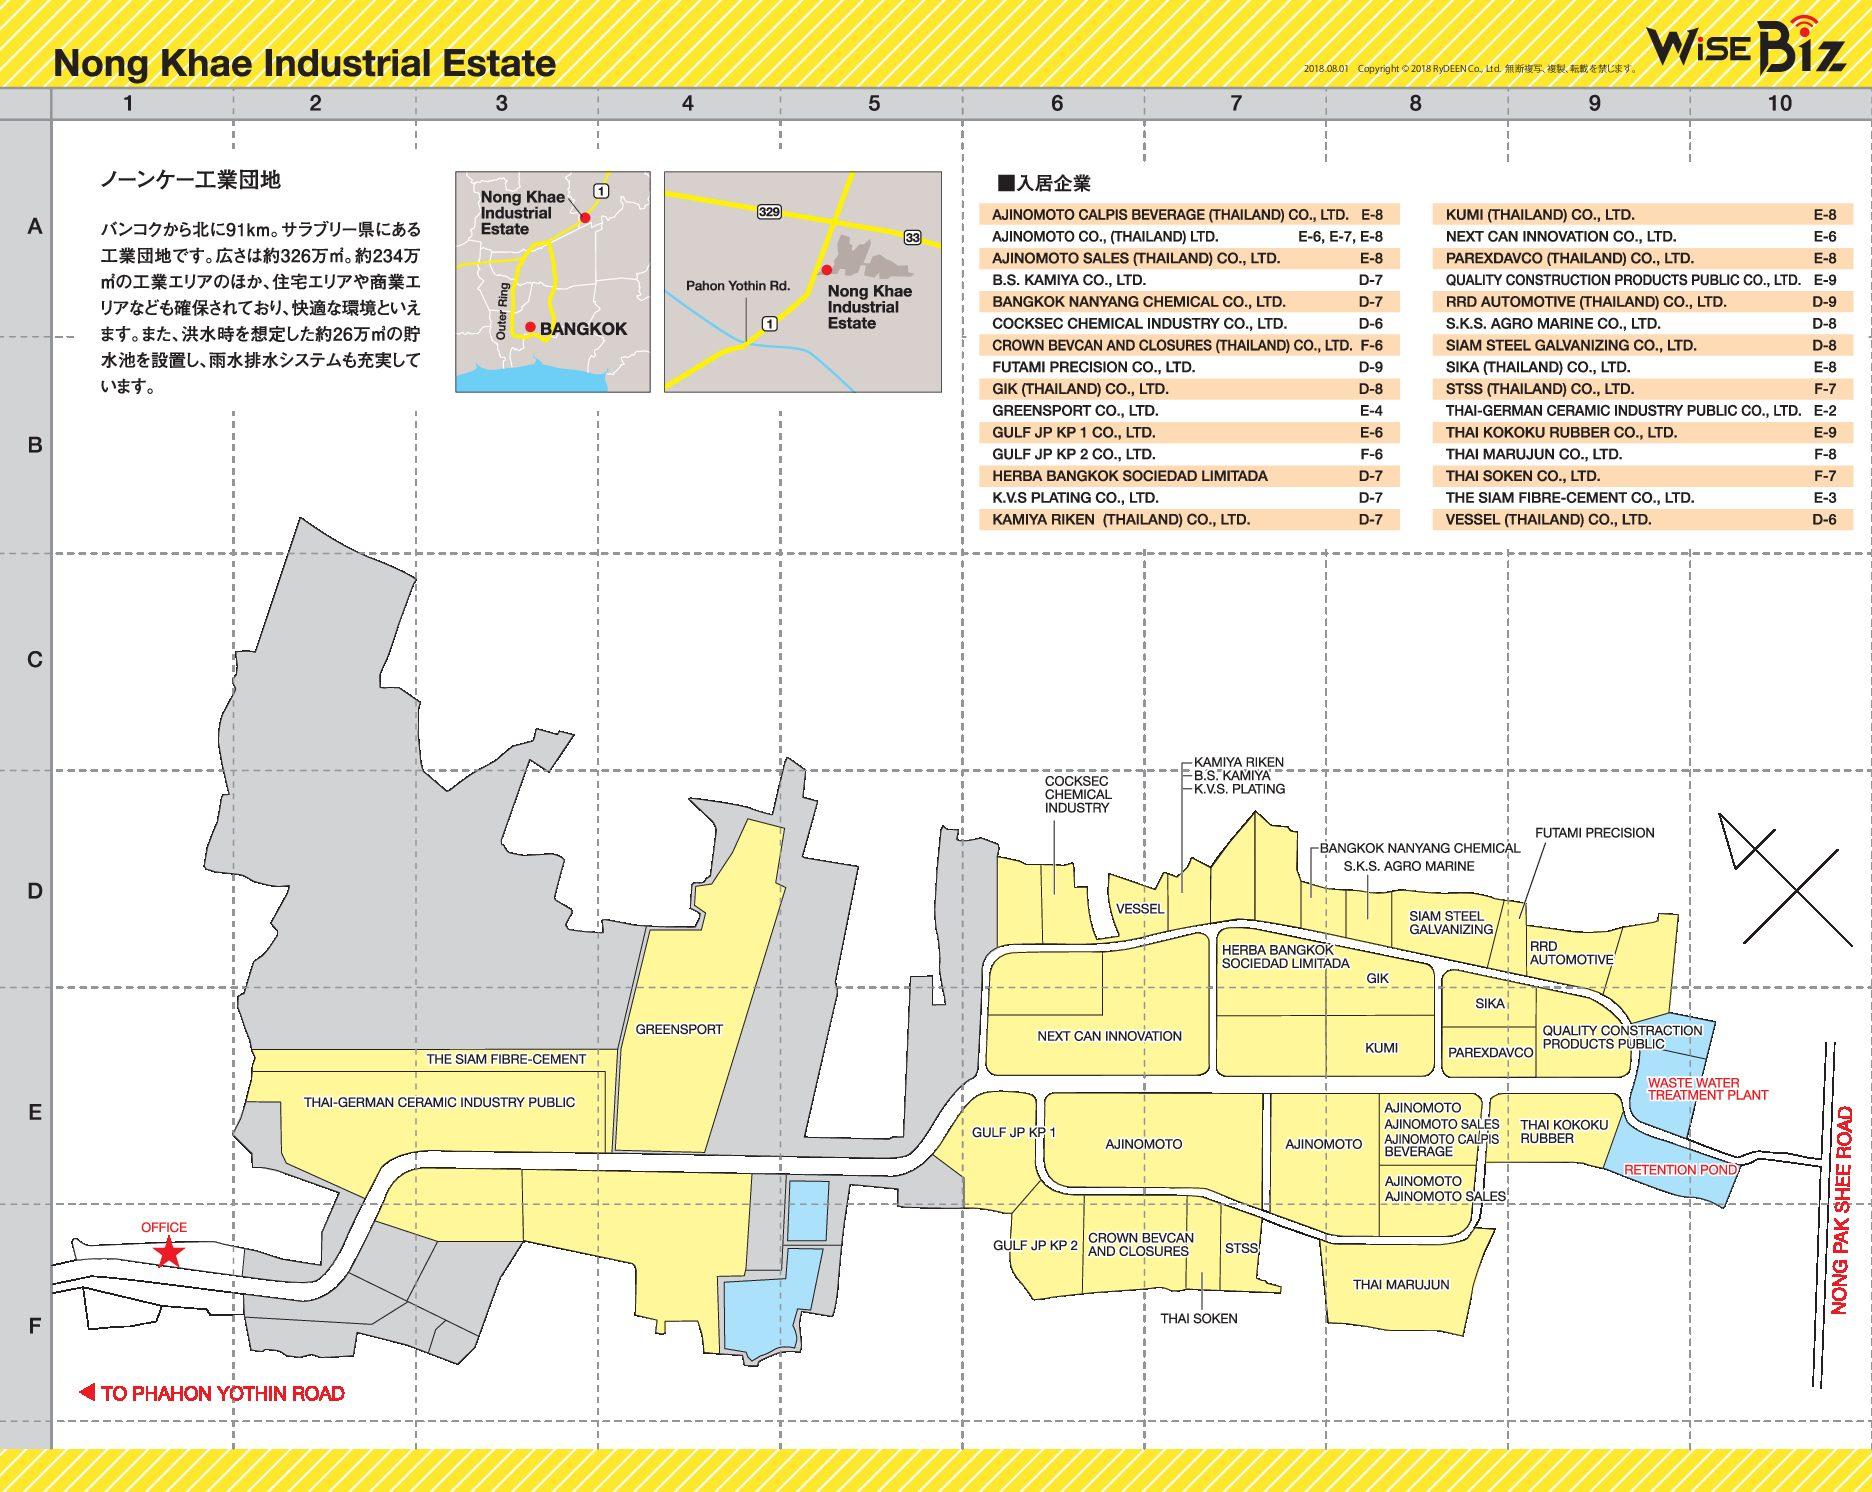 タイ工業団地50MAP 〜 入居企業をチェック! - ワイズデジタル【タイで ...